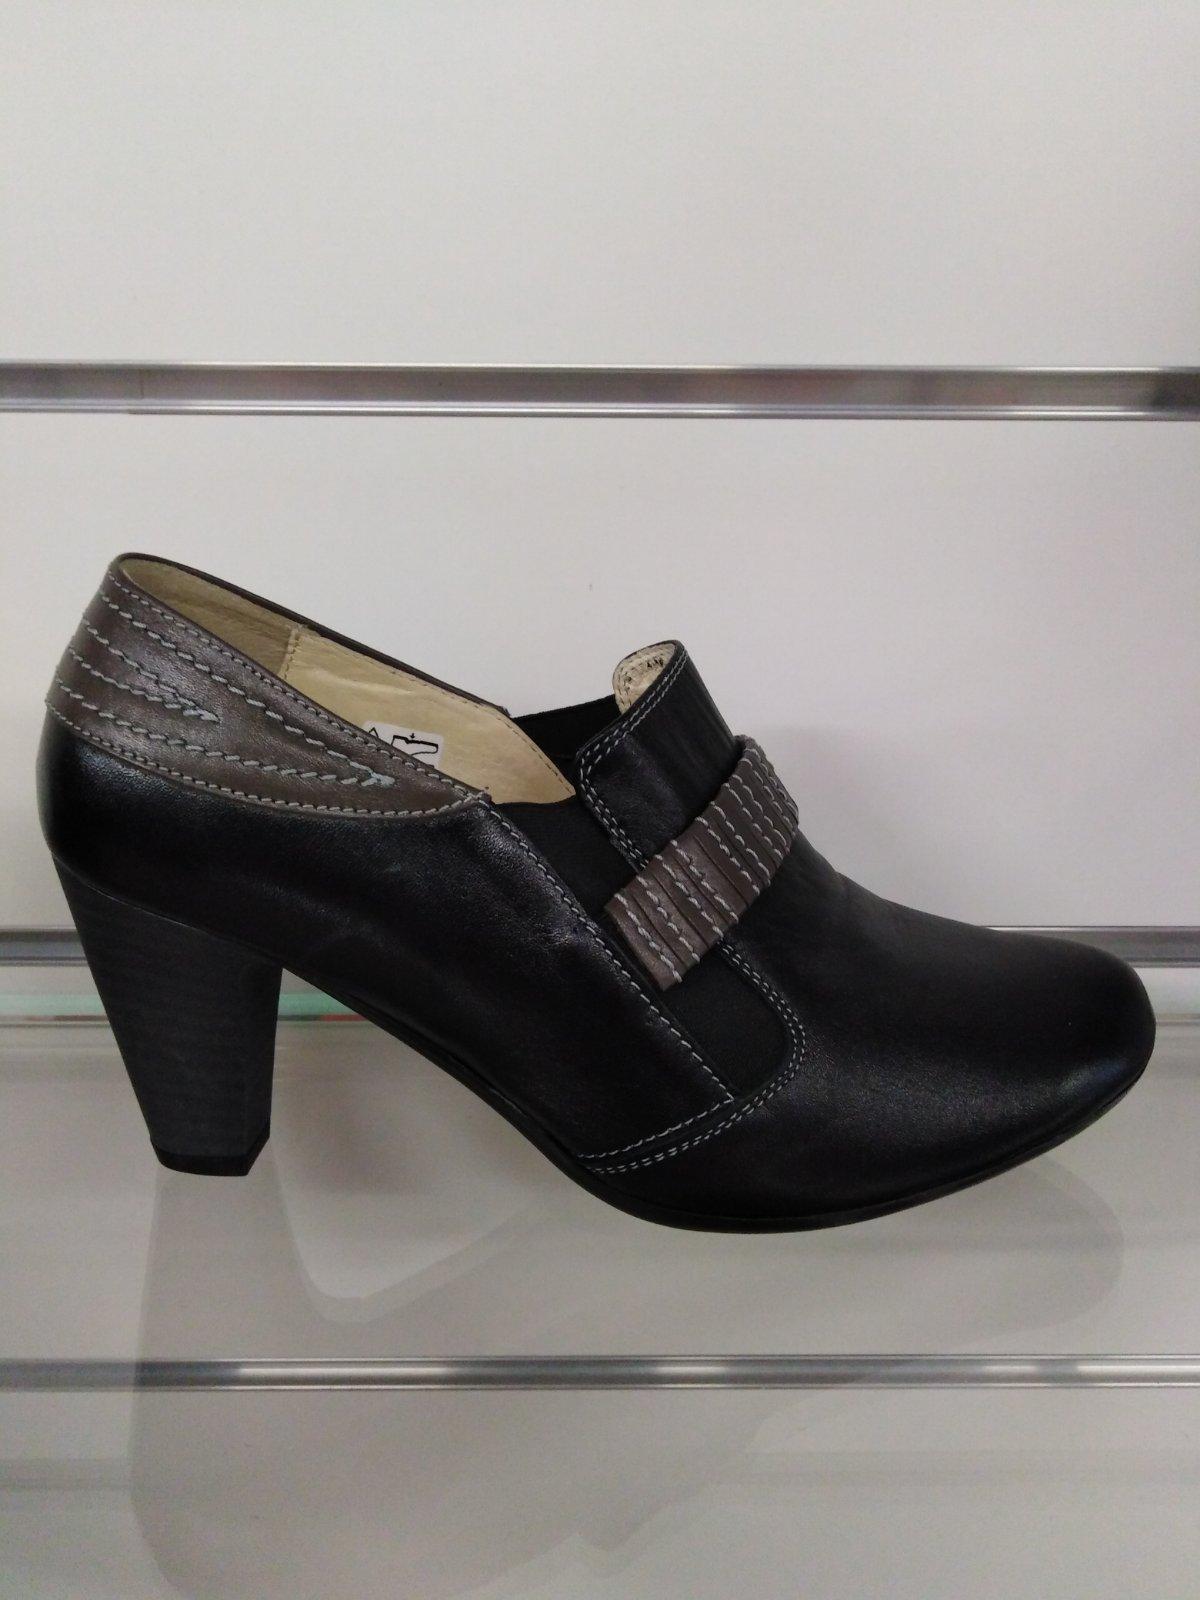 7425ce75c Dámske kožené topánky 4279 b, 39 / 40 / 41 - 31,50 € od predávajúcej  susana09 | Detský bazár | ModryKonik.sk